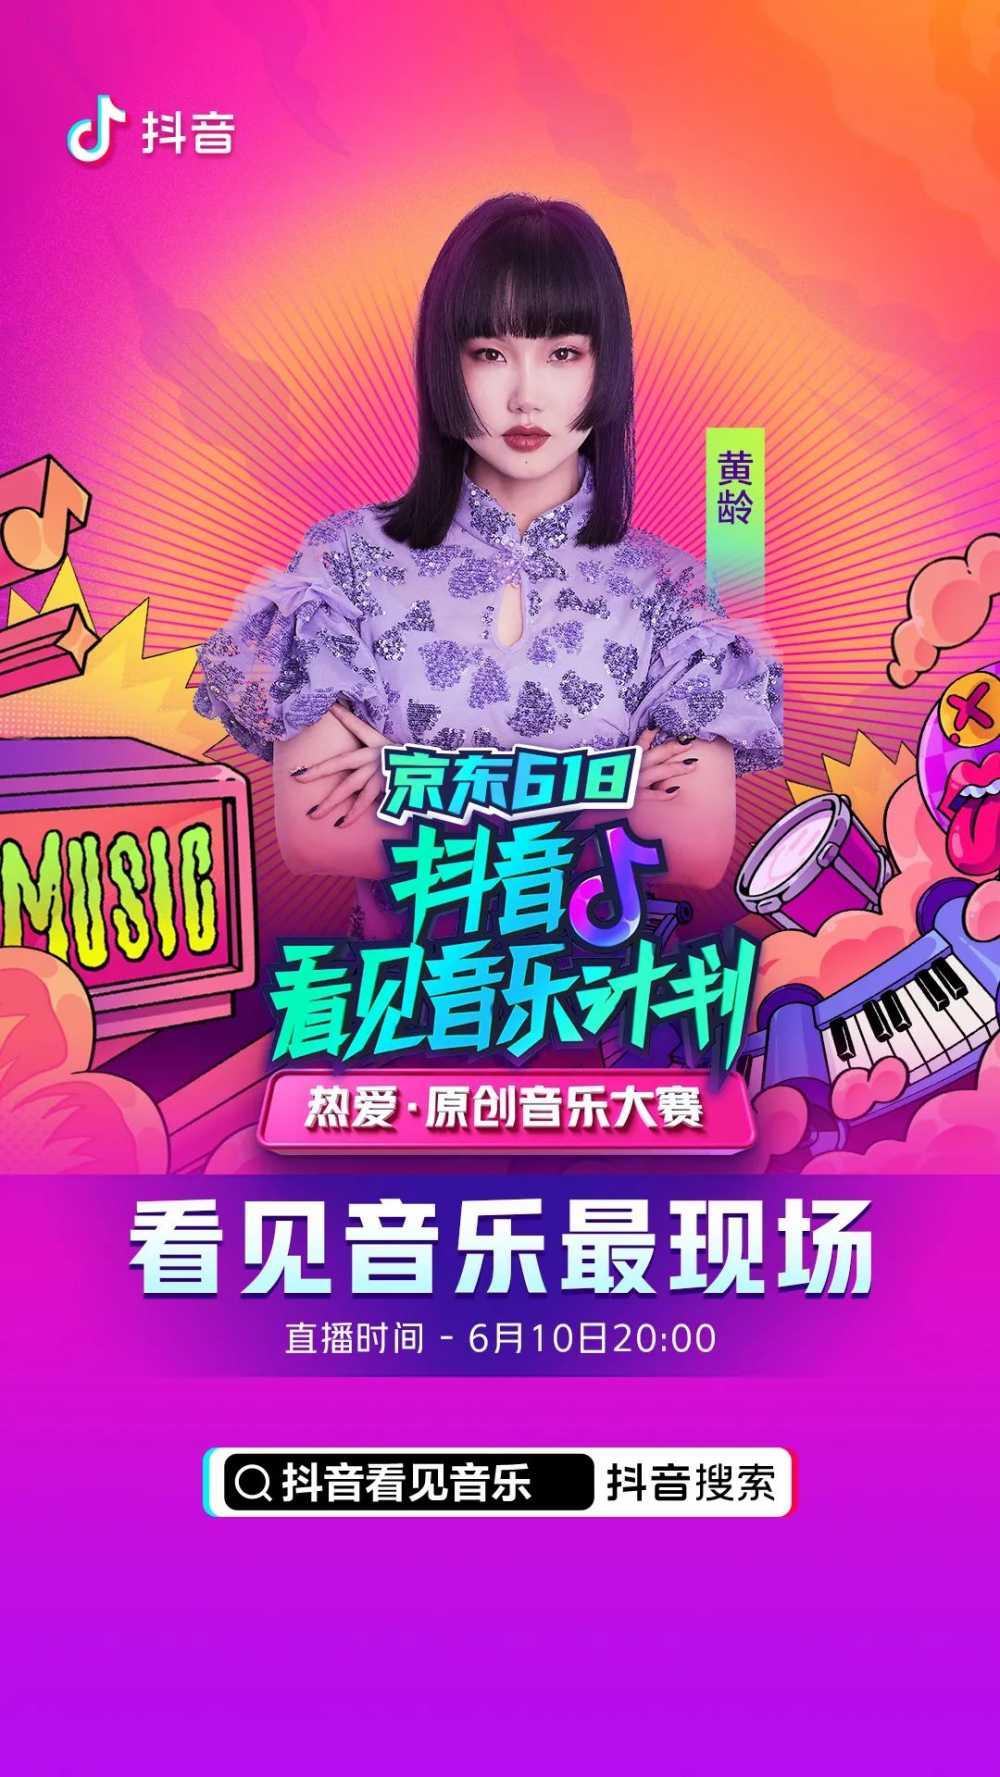 「看见音乐最现场」第五期今日上线,胡海泉黄龄将献神仙合唱舞台-第4张图片-周小辉博客